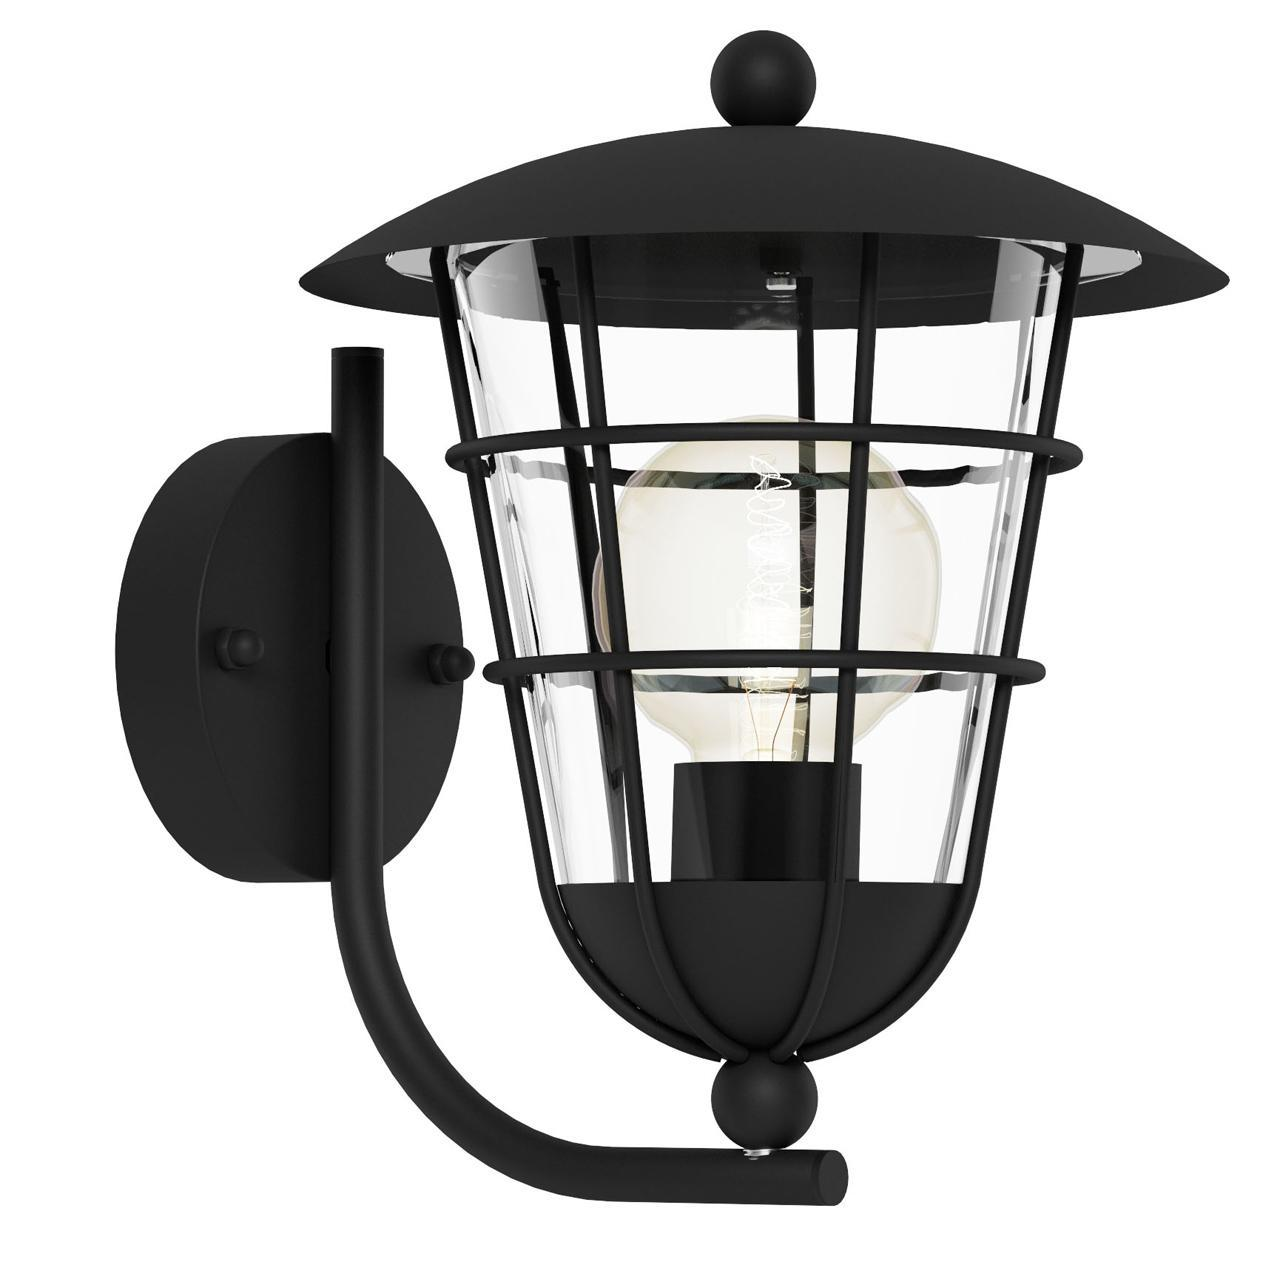 Уличный настенный светильник Eglo Pulfero 94834 уличный настенный светильник eglo pulfero 1 94854